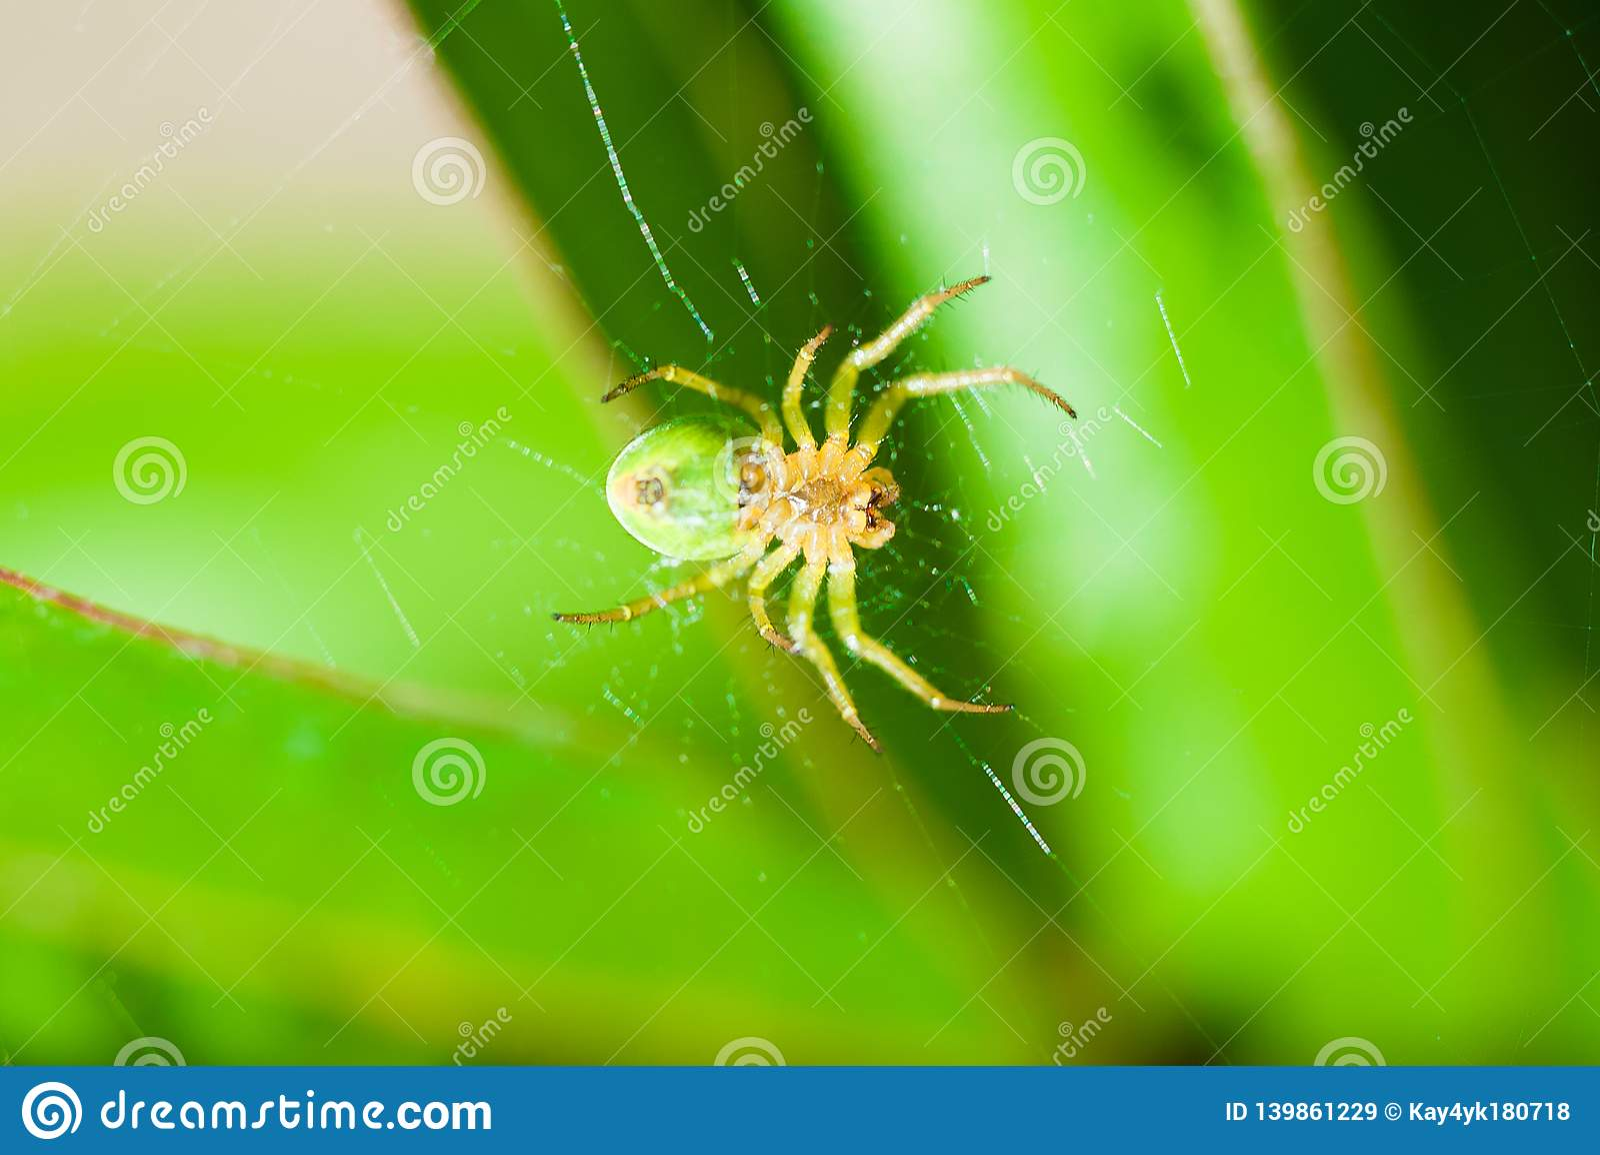 Die grüne Spinne sitzt im Netz und wartet auf Opfer